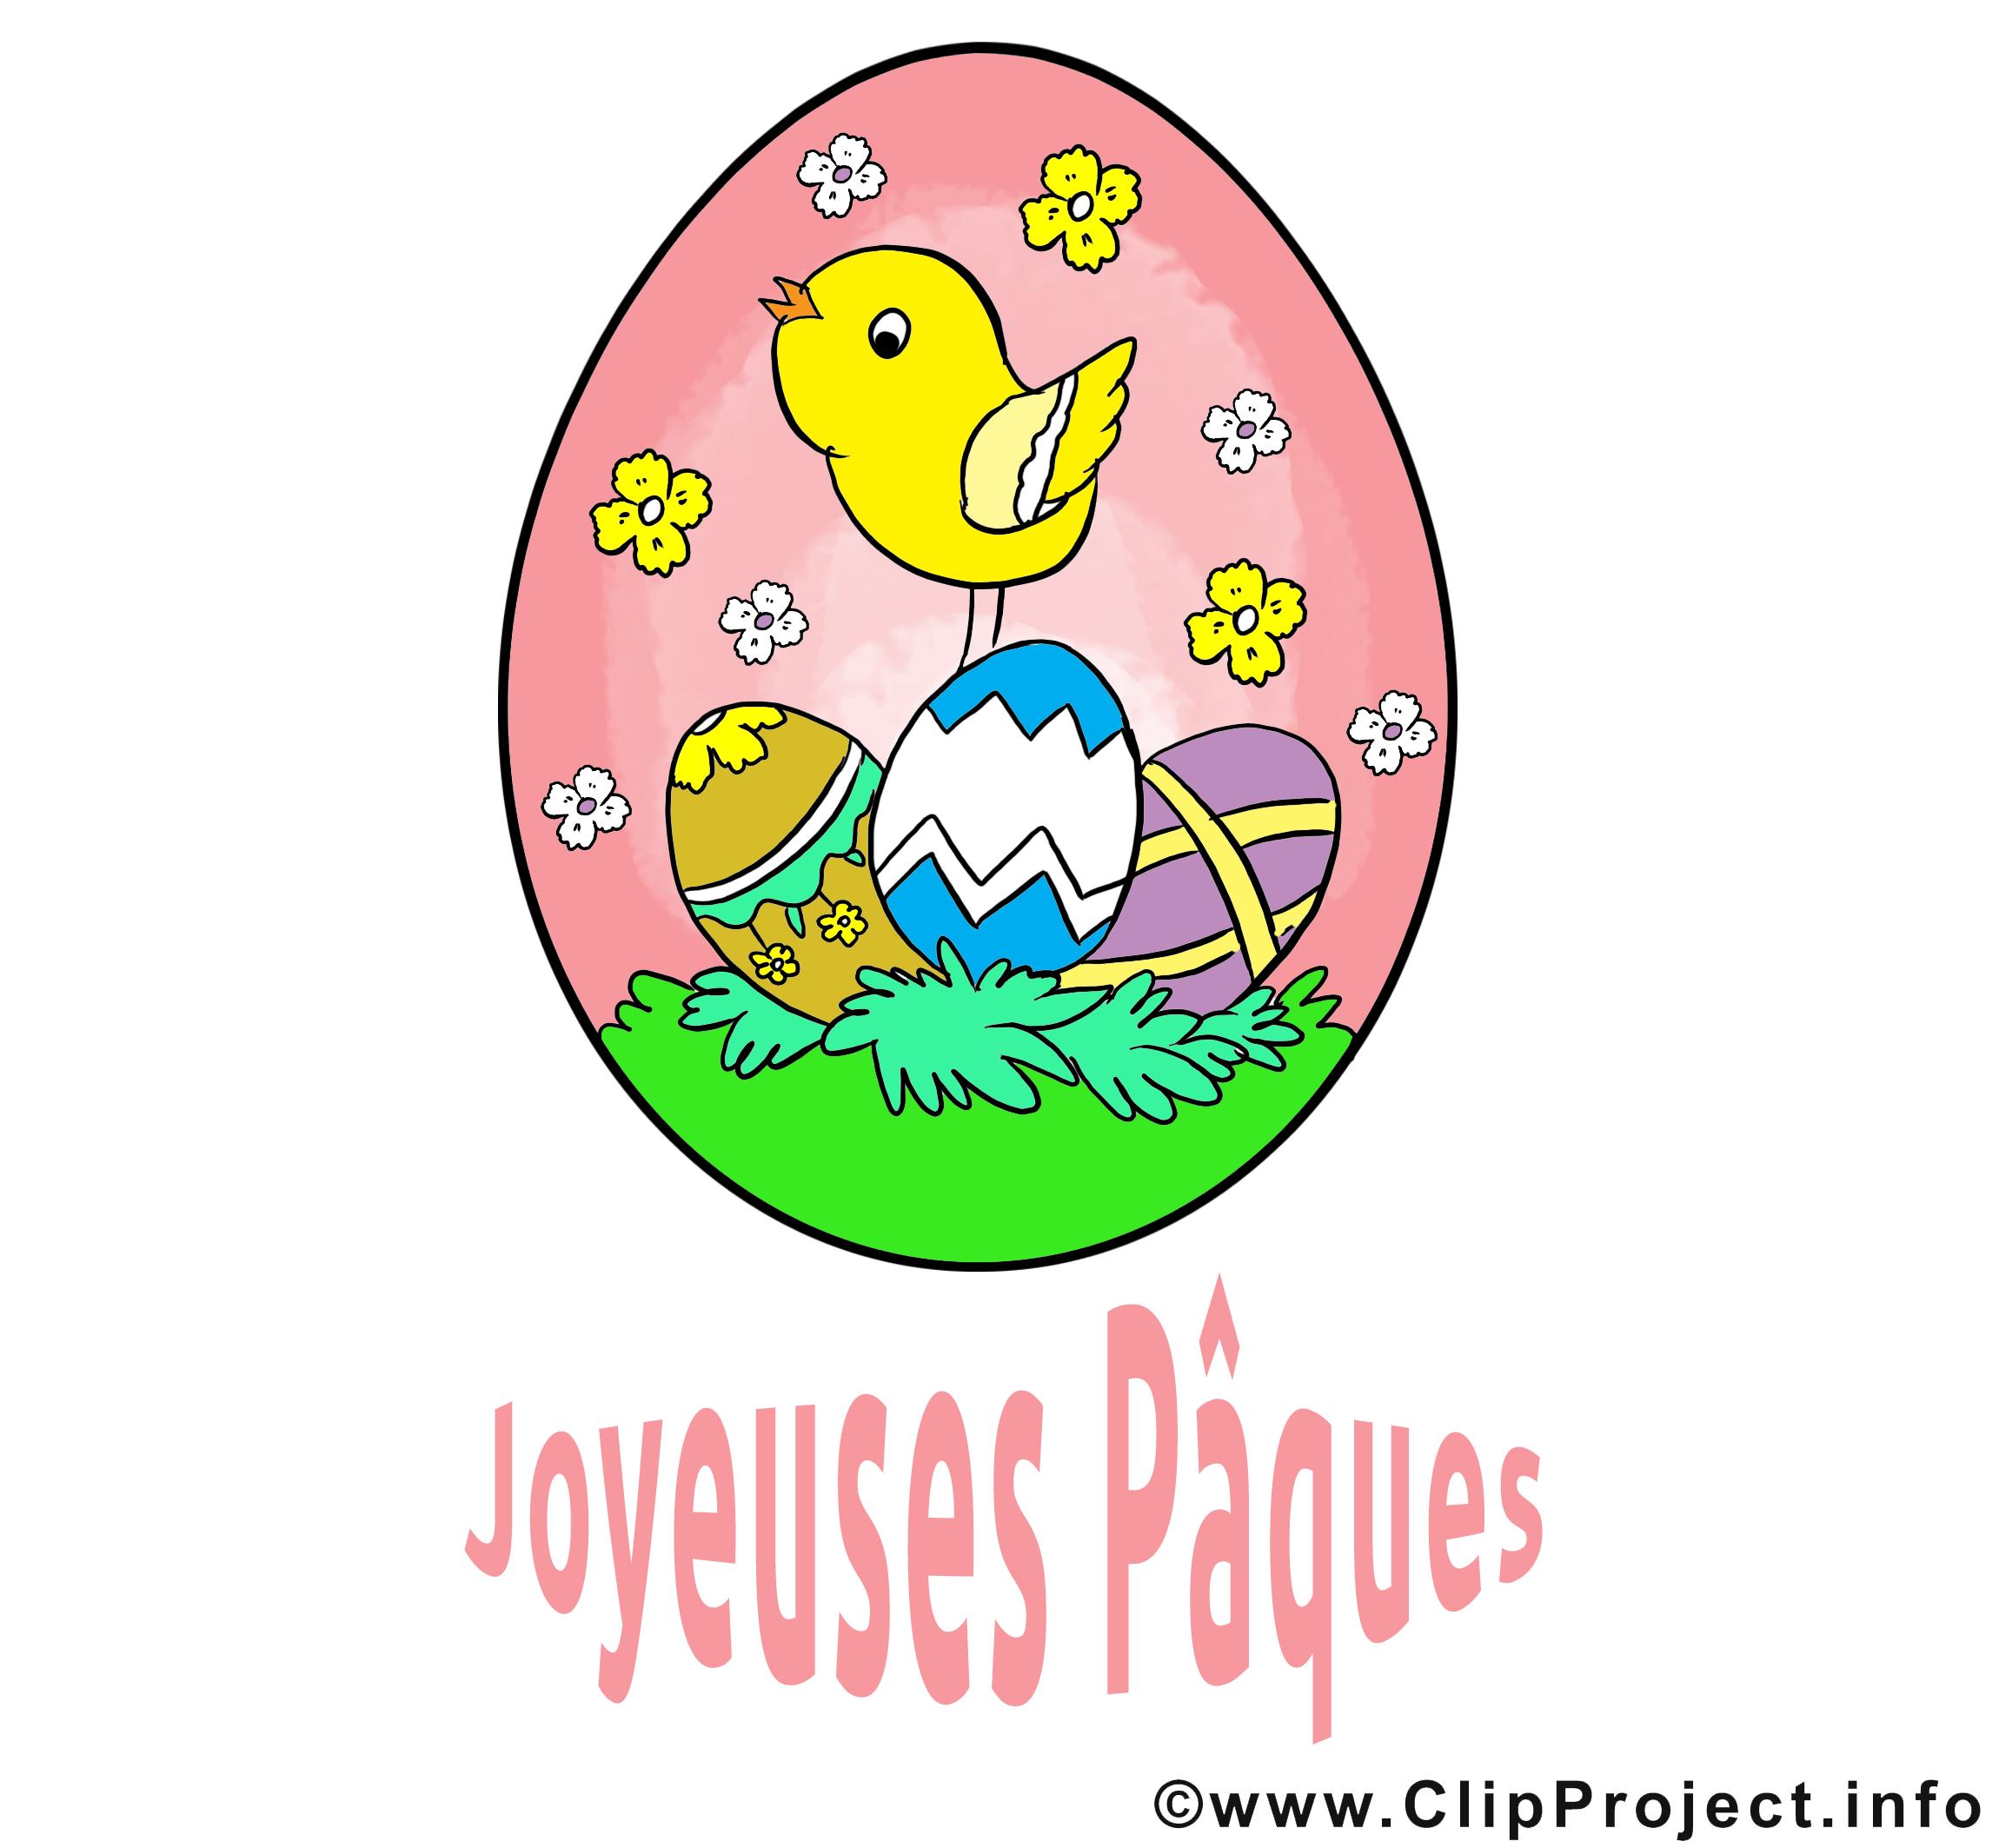 Poussin pâques image à télécharger gratuite